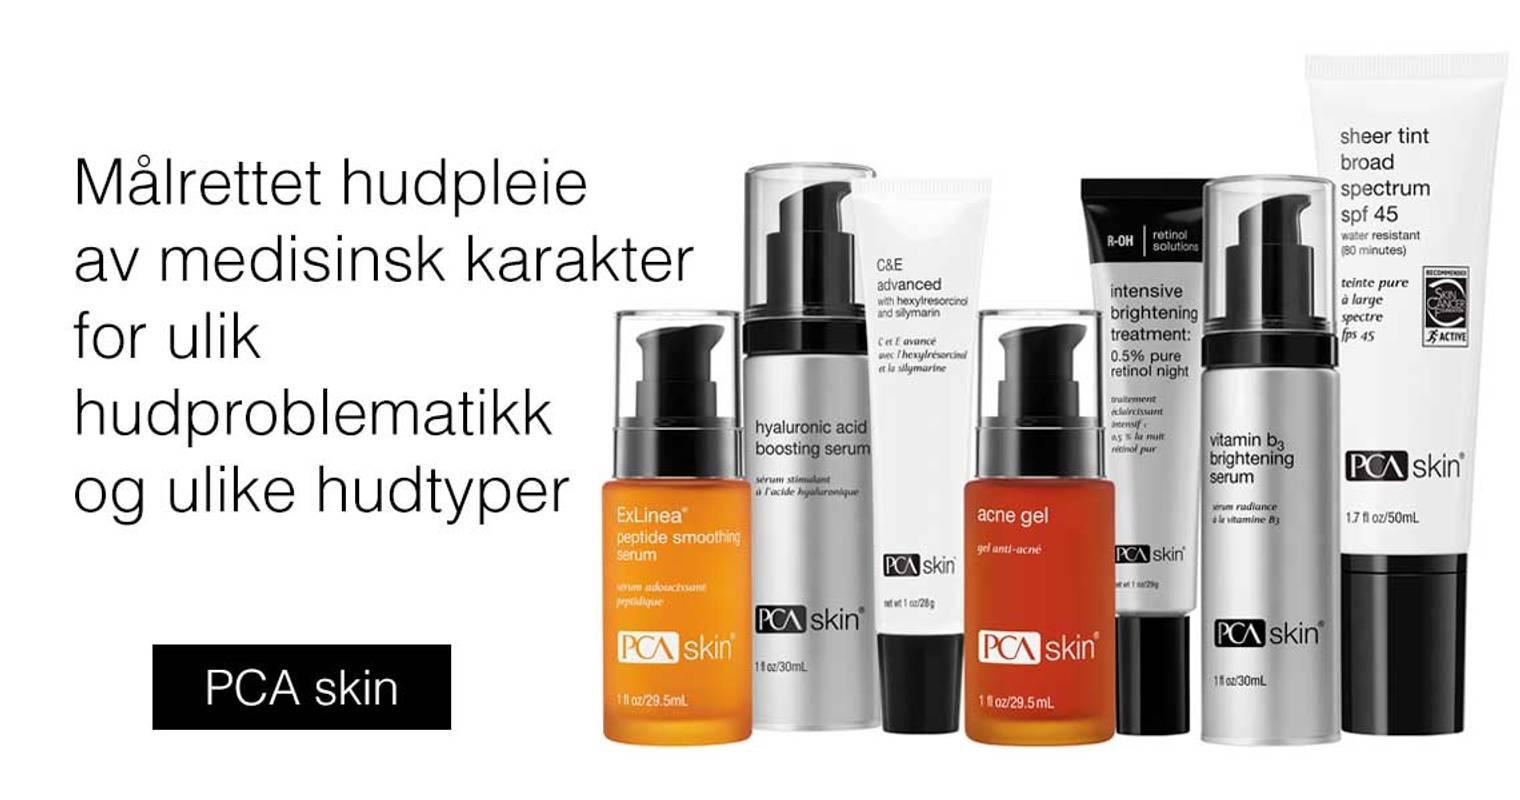 PCA skin hudpleie medisinsk hudpleie